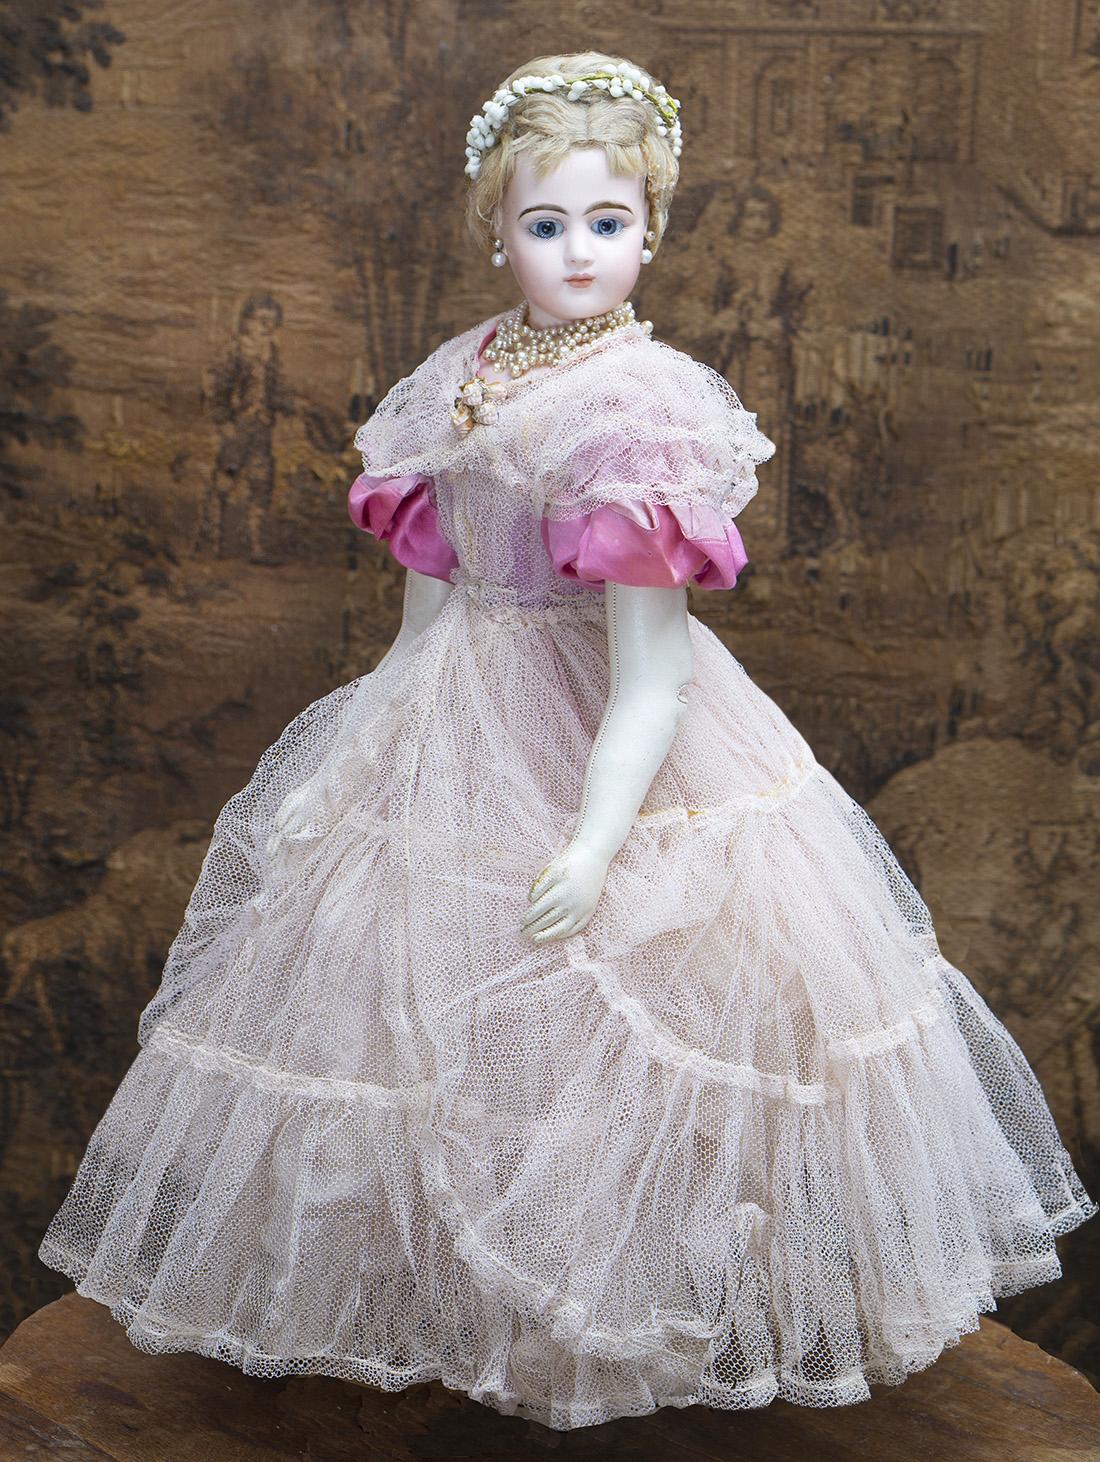 53cм Французская Модная Портретная кукла Jumeau